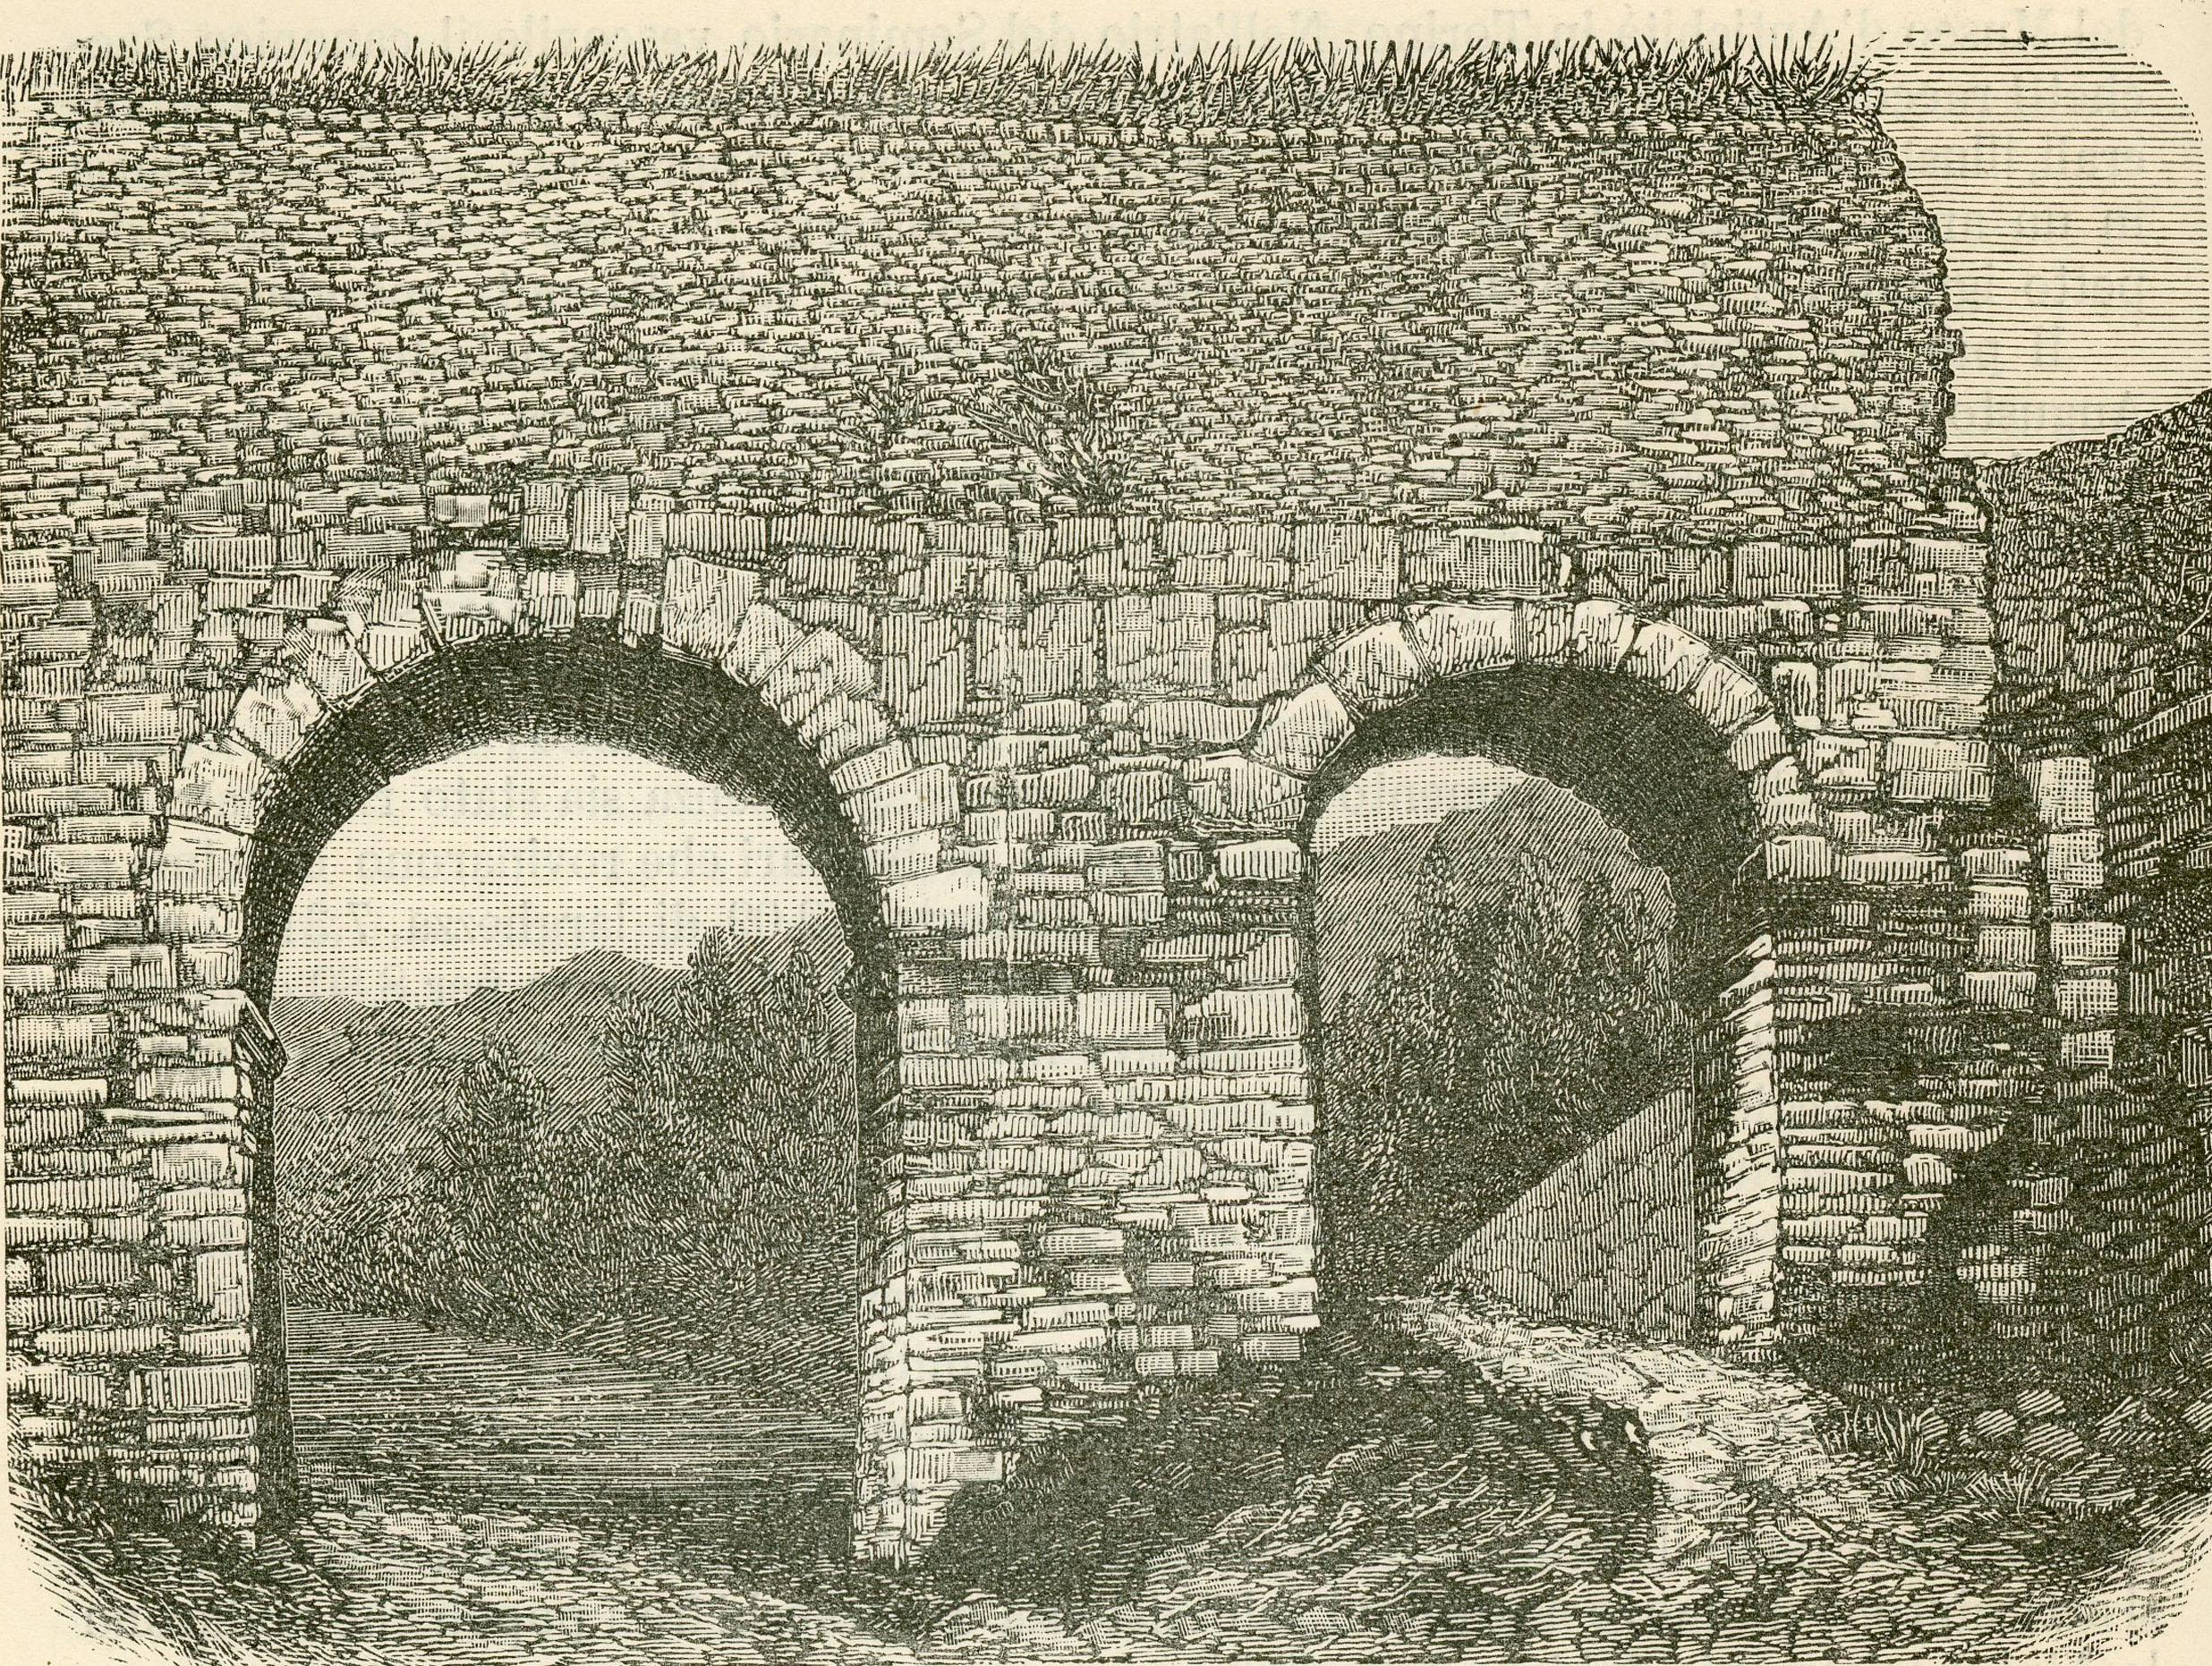 Foto Di Porte Antiche file:antiche porte delle mura di susa - wikimedia commons